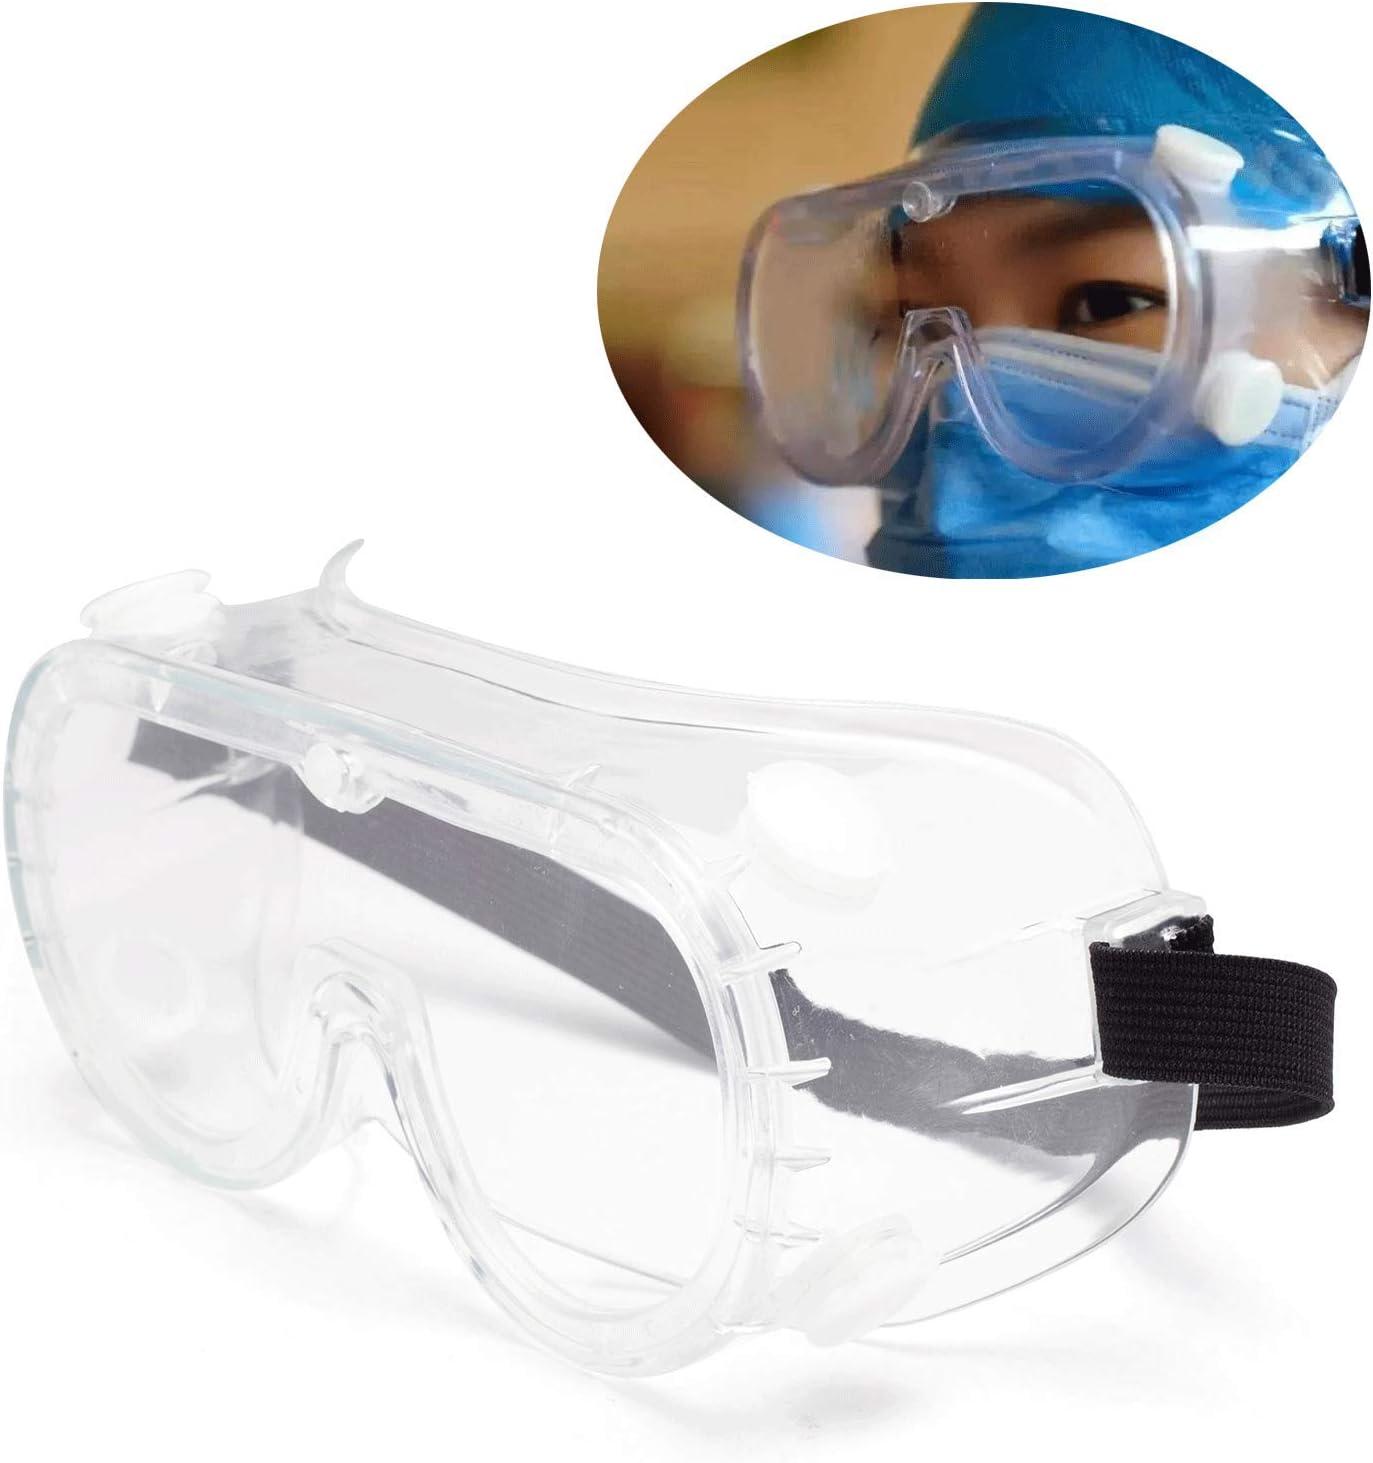 Lunettes de s/écurit/é Transparentes avec Sangle Lunettes Anti-bu/ée de Virus de Protection oculaire m/édicale